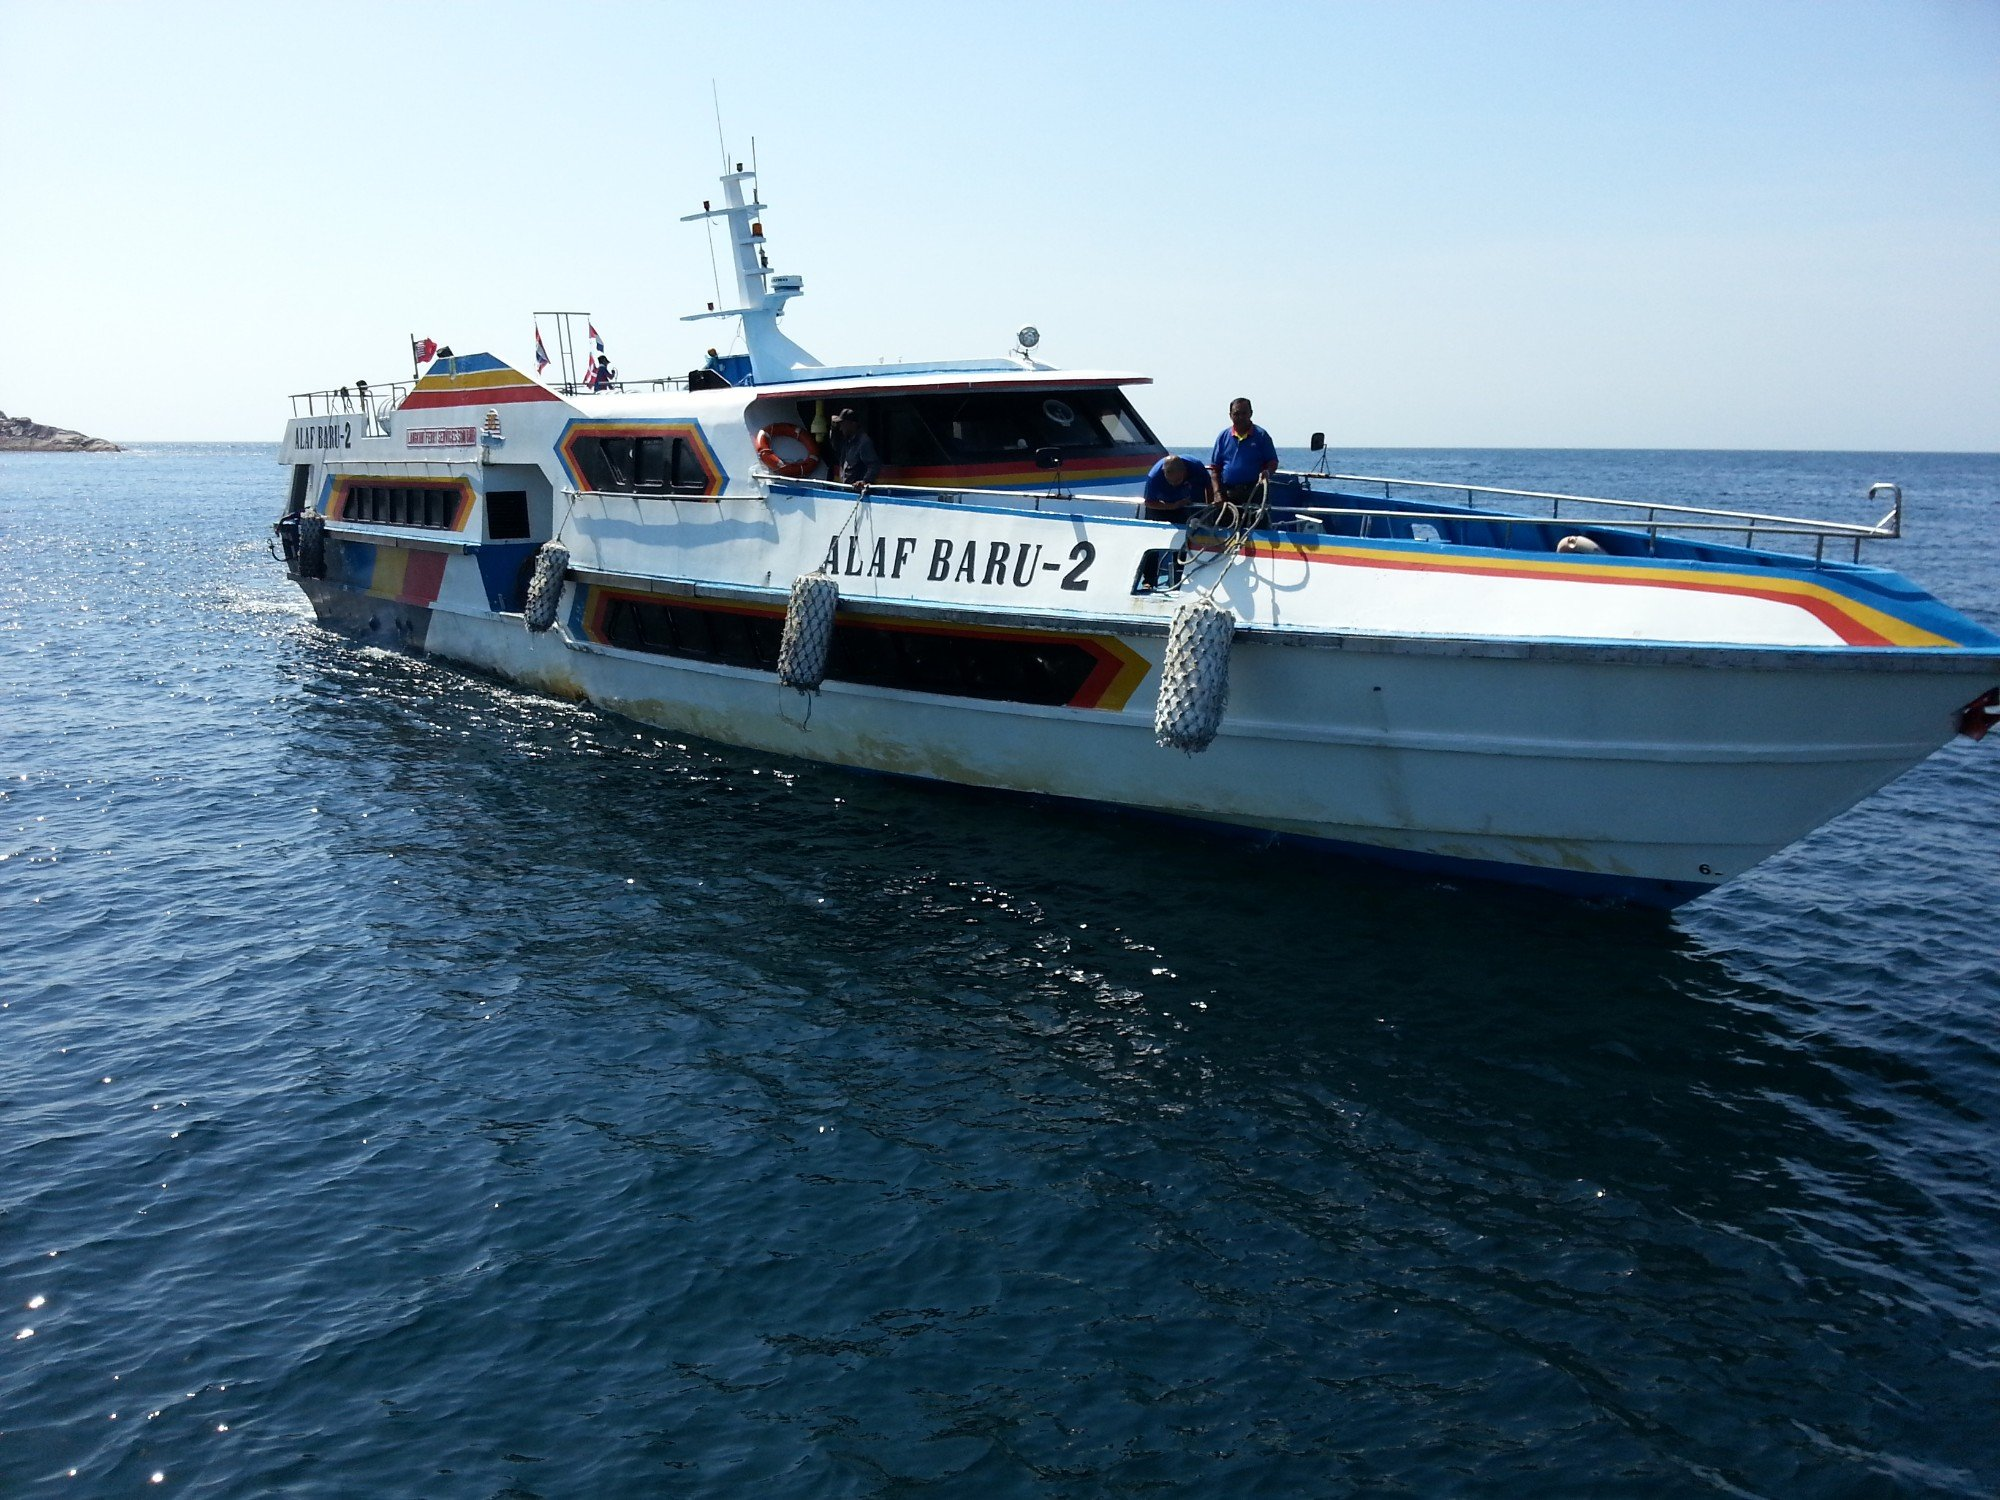 Koh Lipe to Langkawi ferry arriving at Koh Lipe